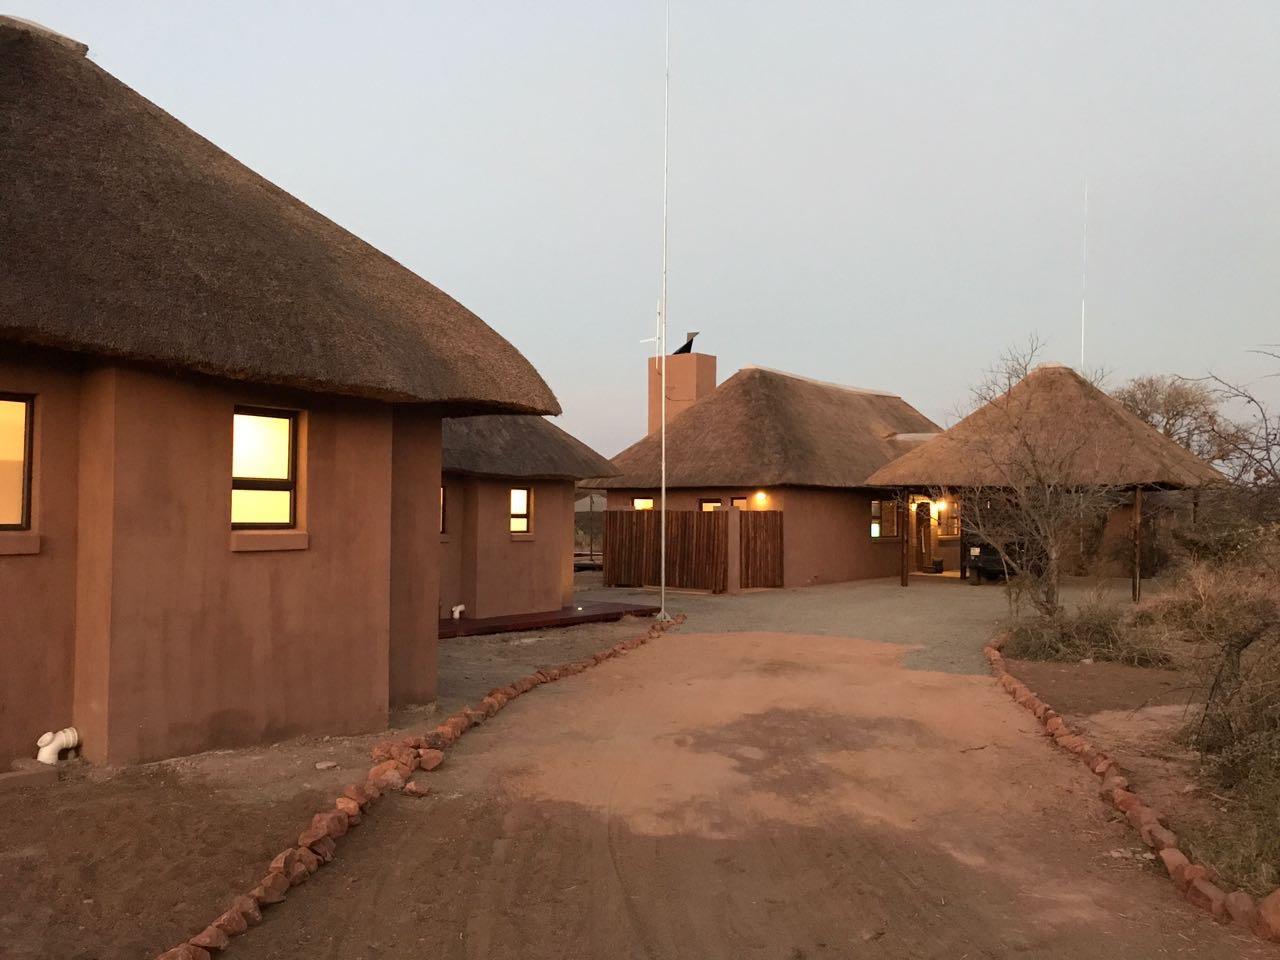 Ditholo 59 Kudu Lodge 19.JPG